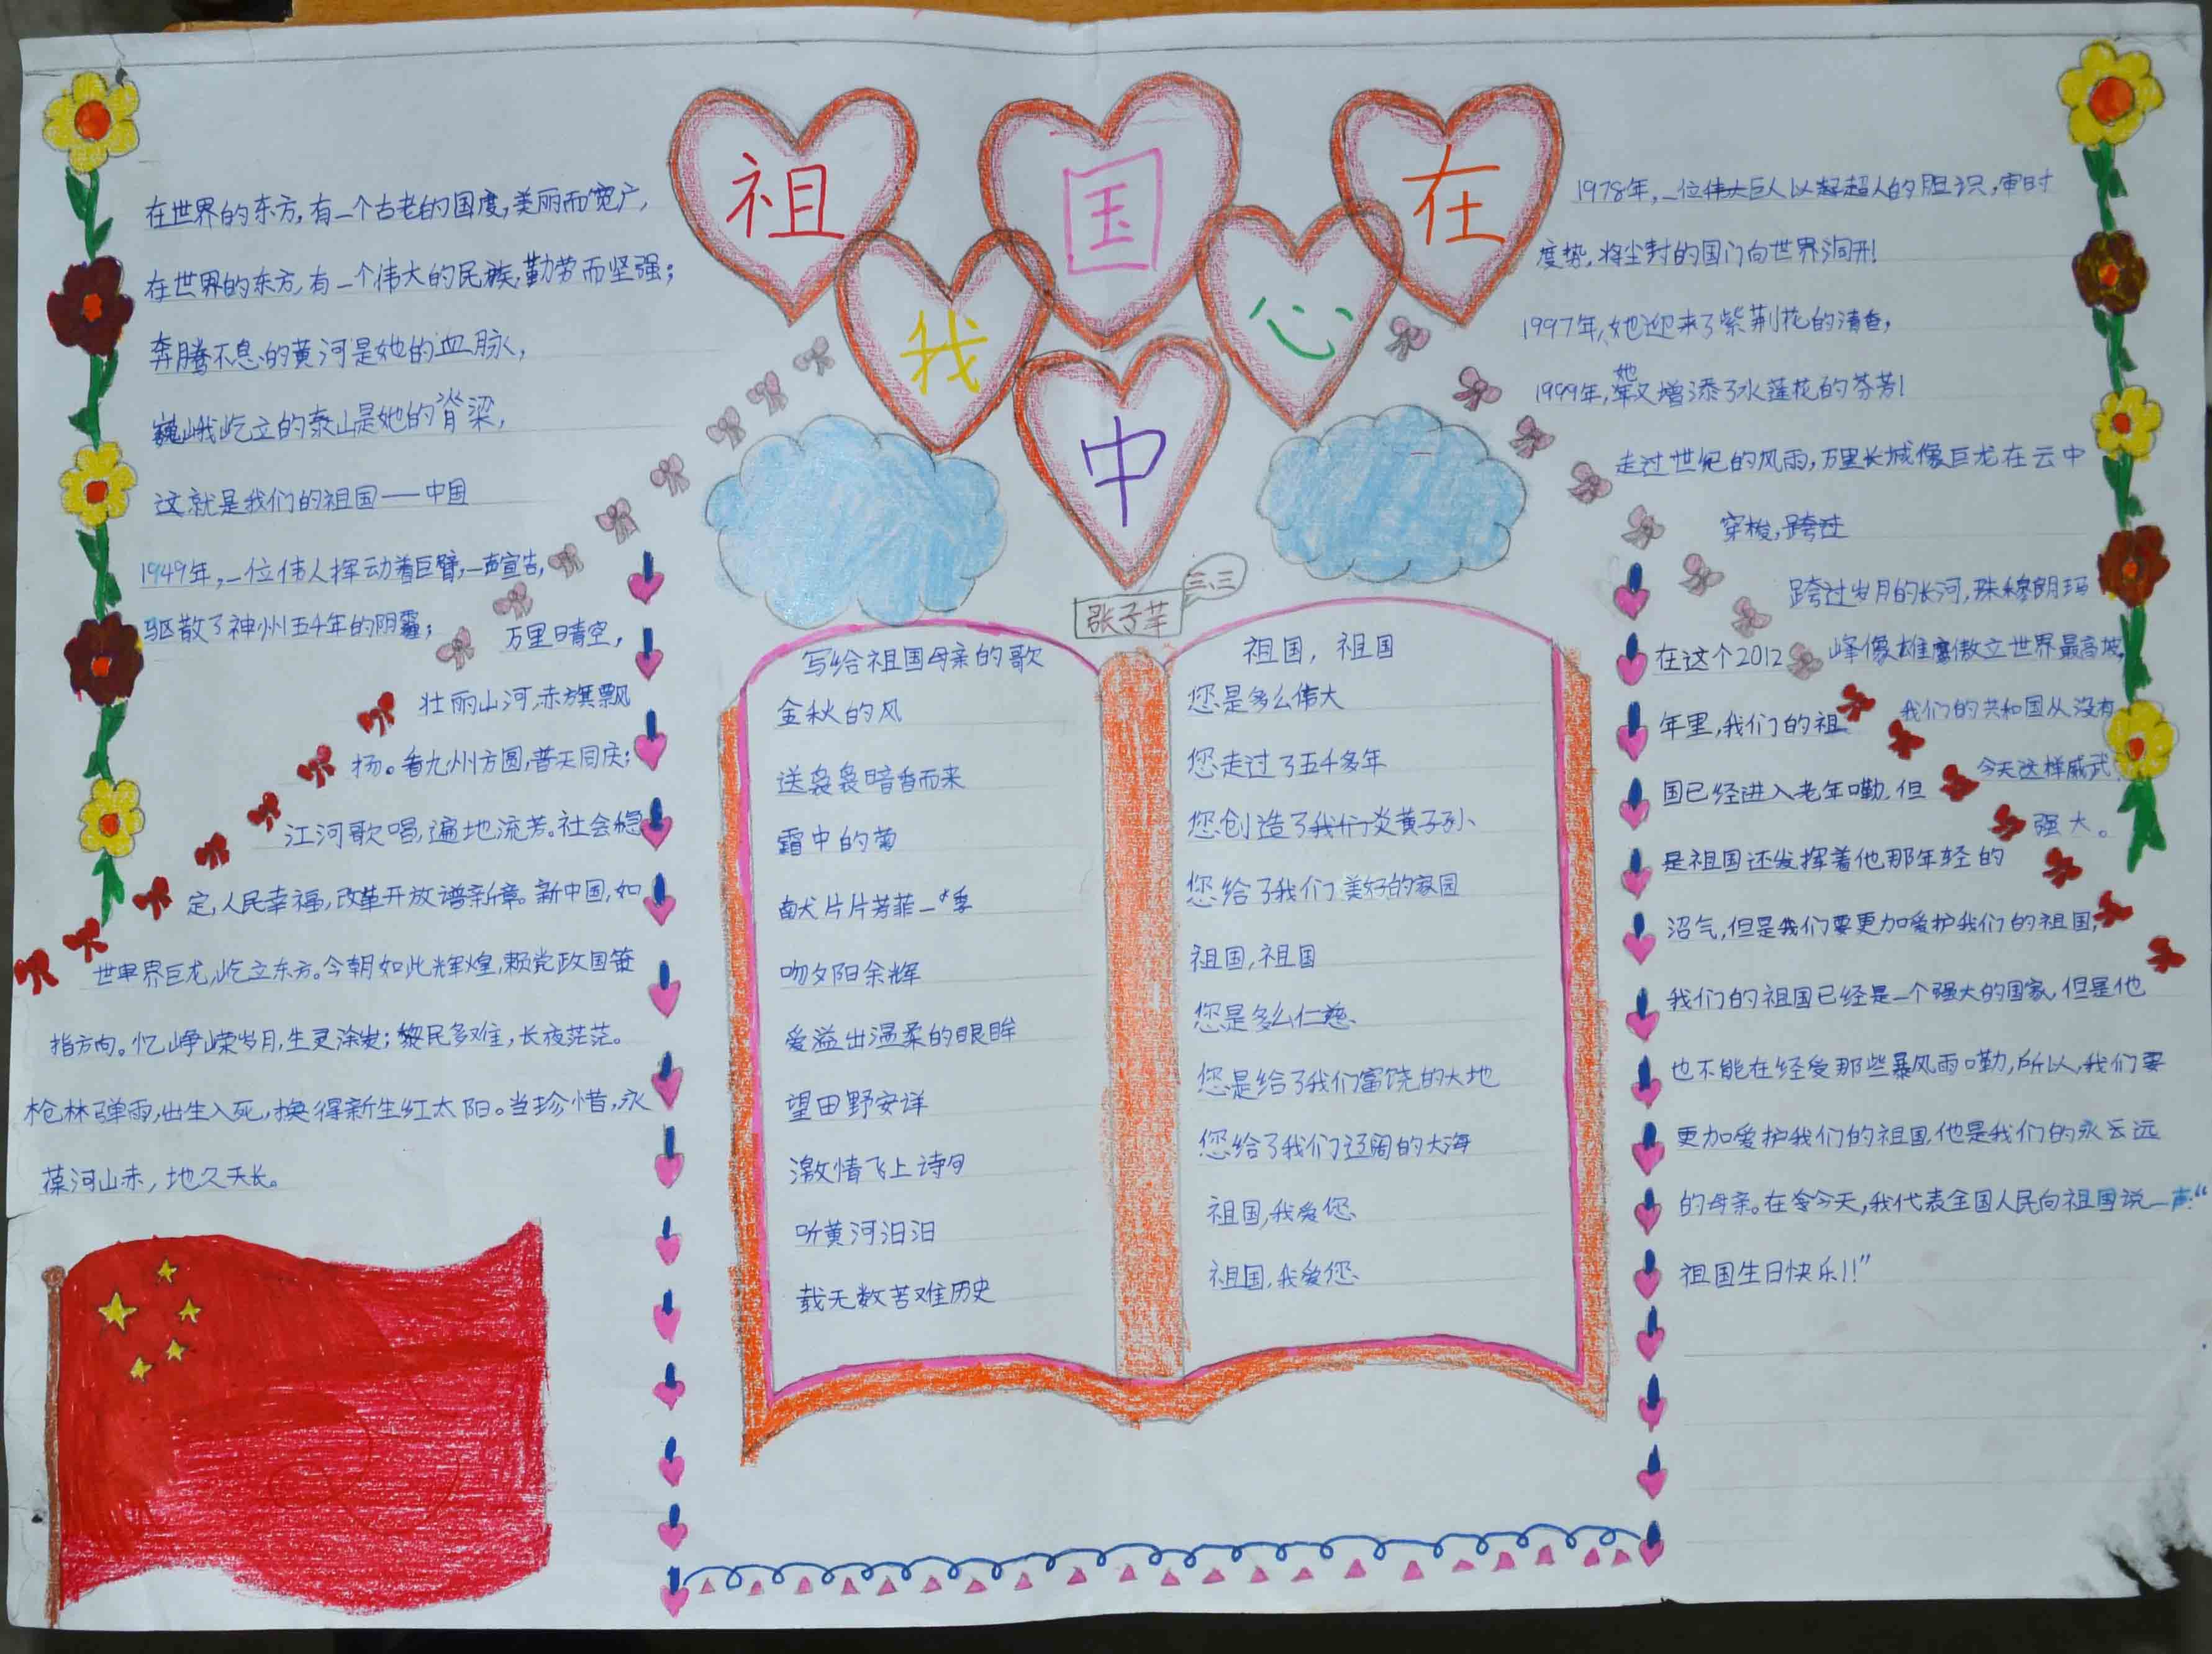 聊城市外国语学校